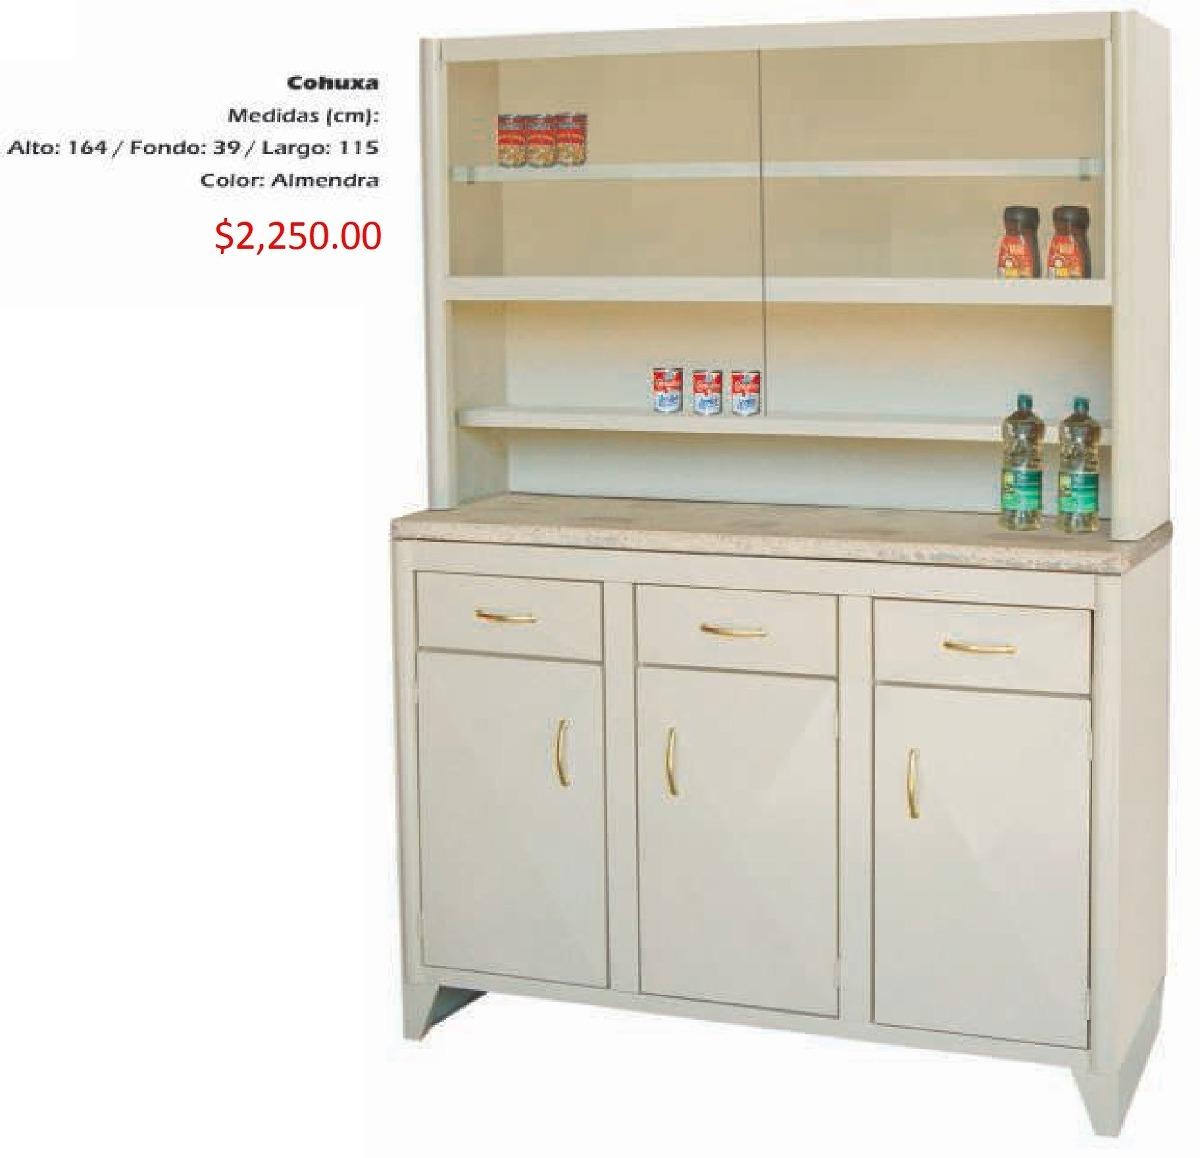 Mueble para cocina modelo cohuxa 2 en mercado libre for Muebles para cocina baratos